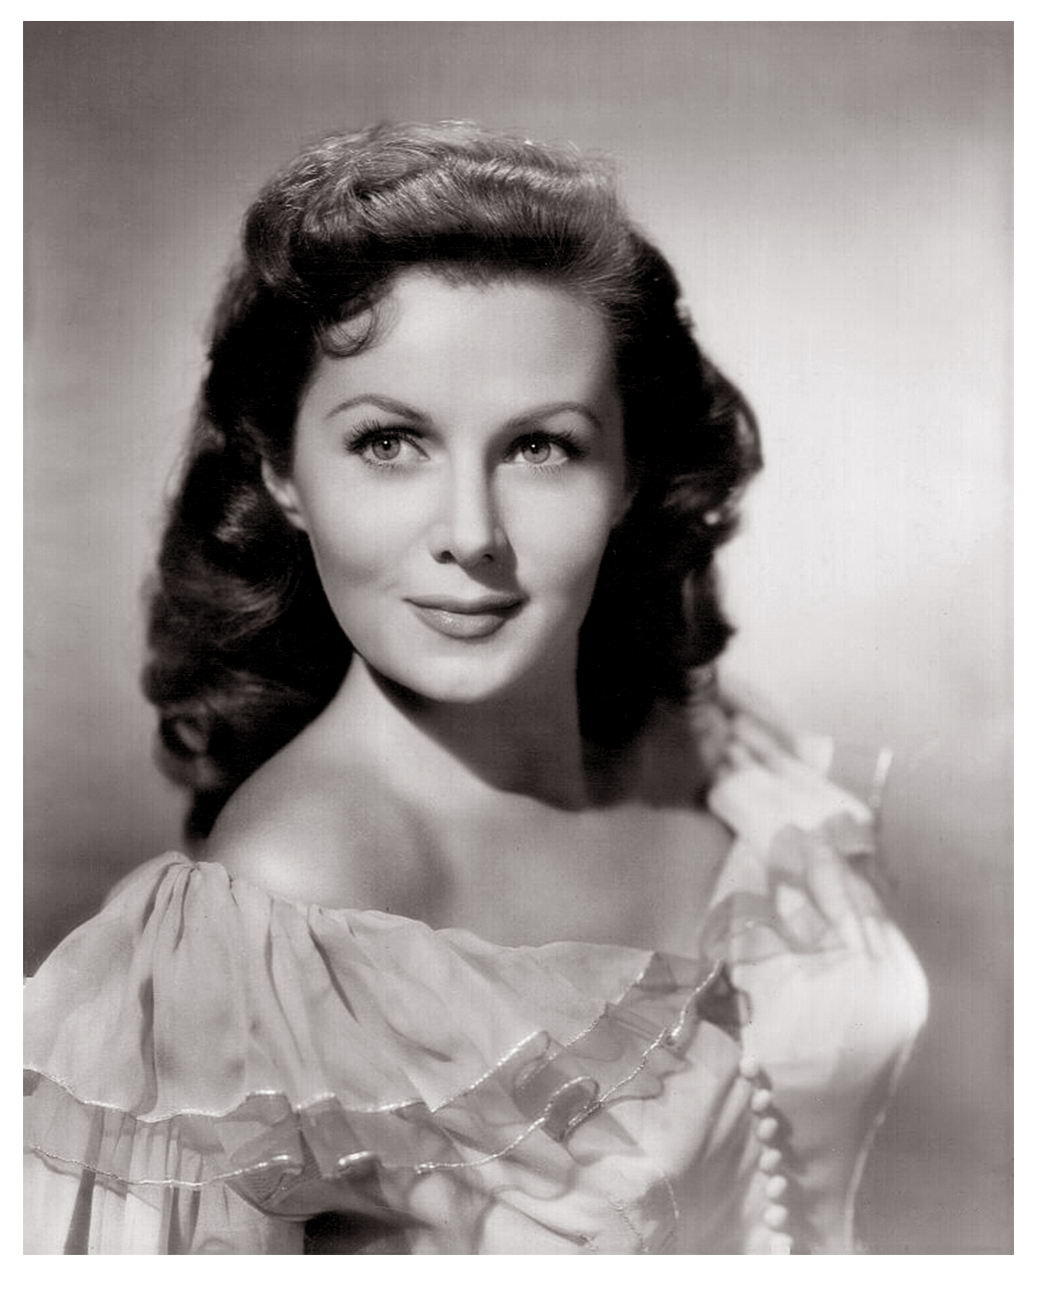 Annette Crosbie (born 1934),Kay Deslys Hot photos Sarah E. Dunsworth,Bessie Cursons